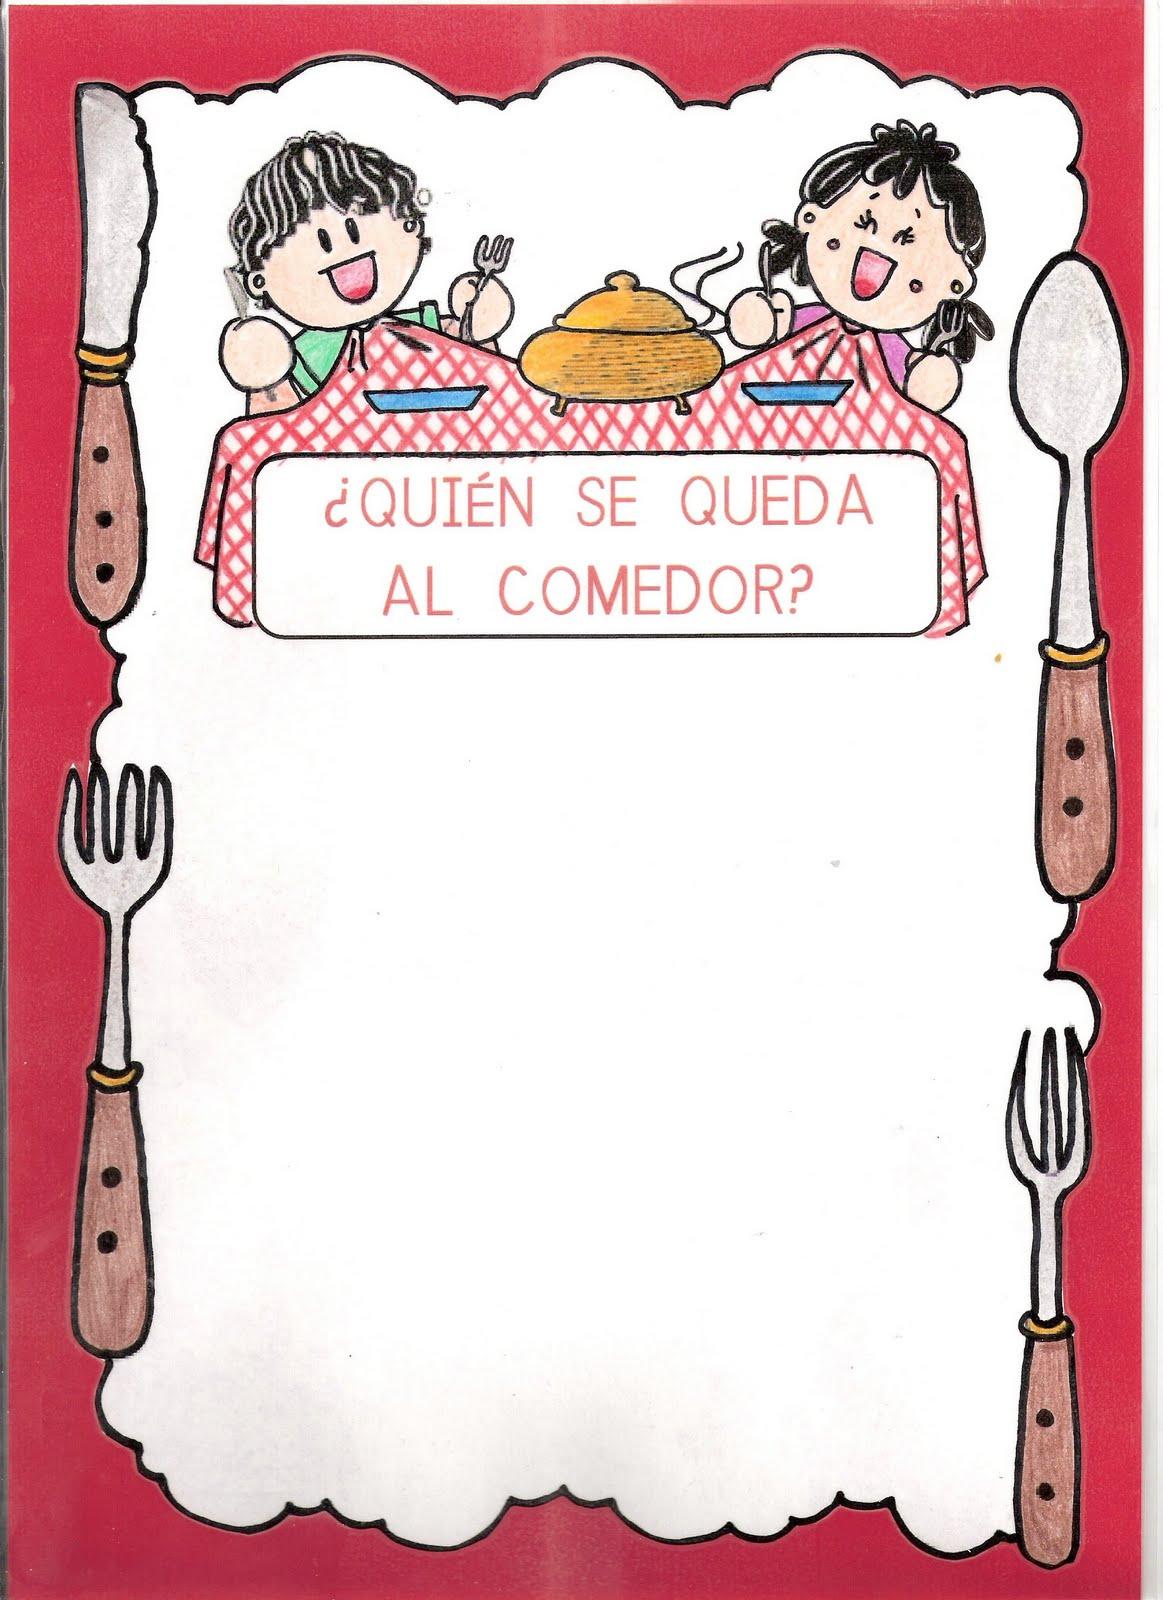 El mundo de la educaci n infantil carteles comedor for Dibujo de comedor escolar